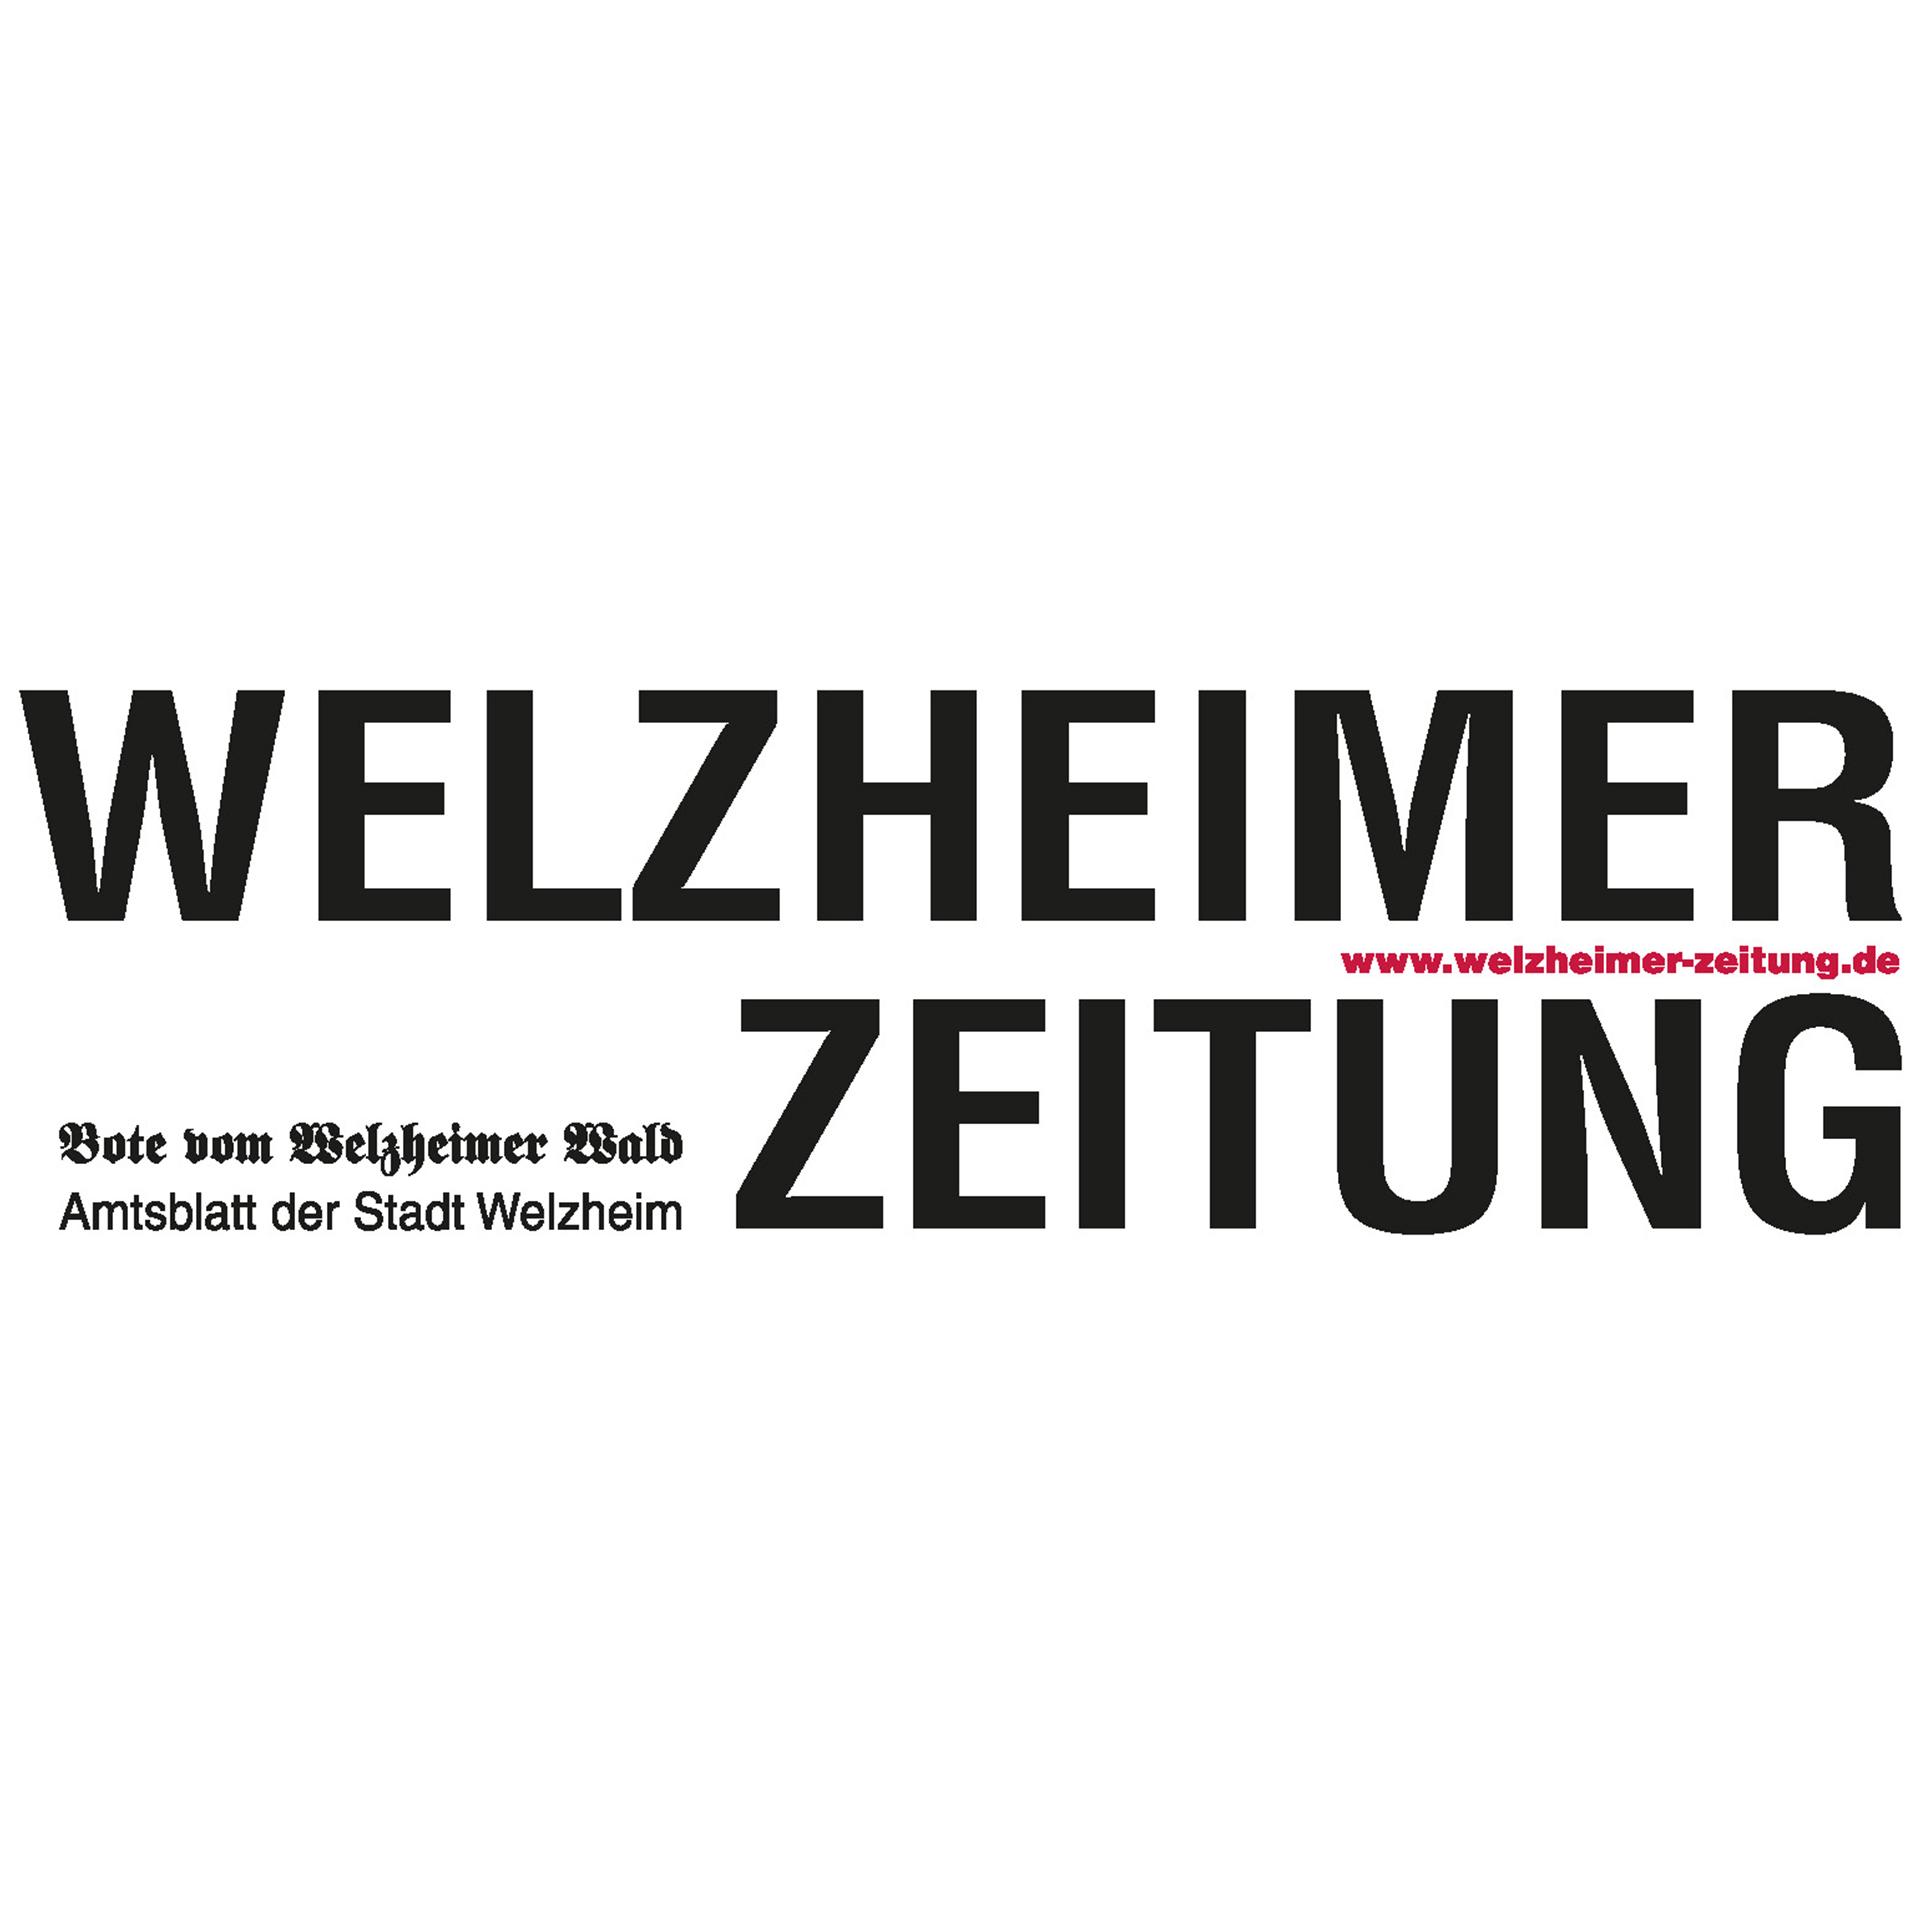 Logo der Zeitung Welzheimer Zeitung